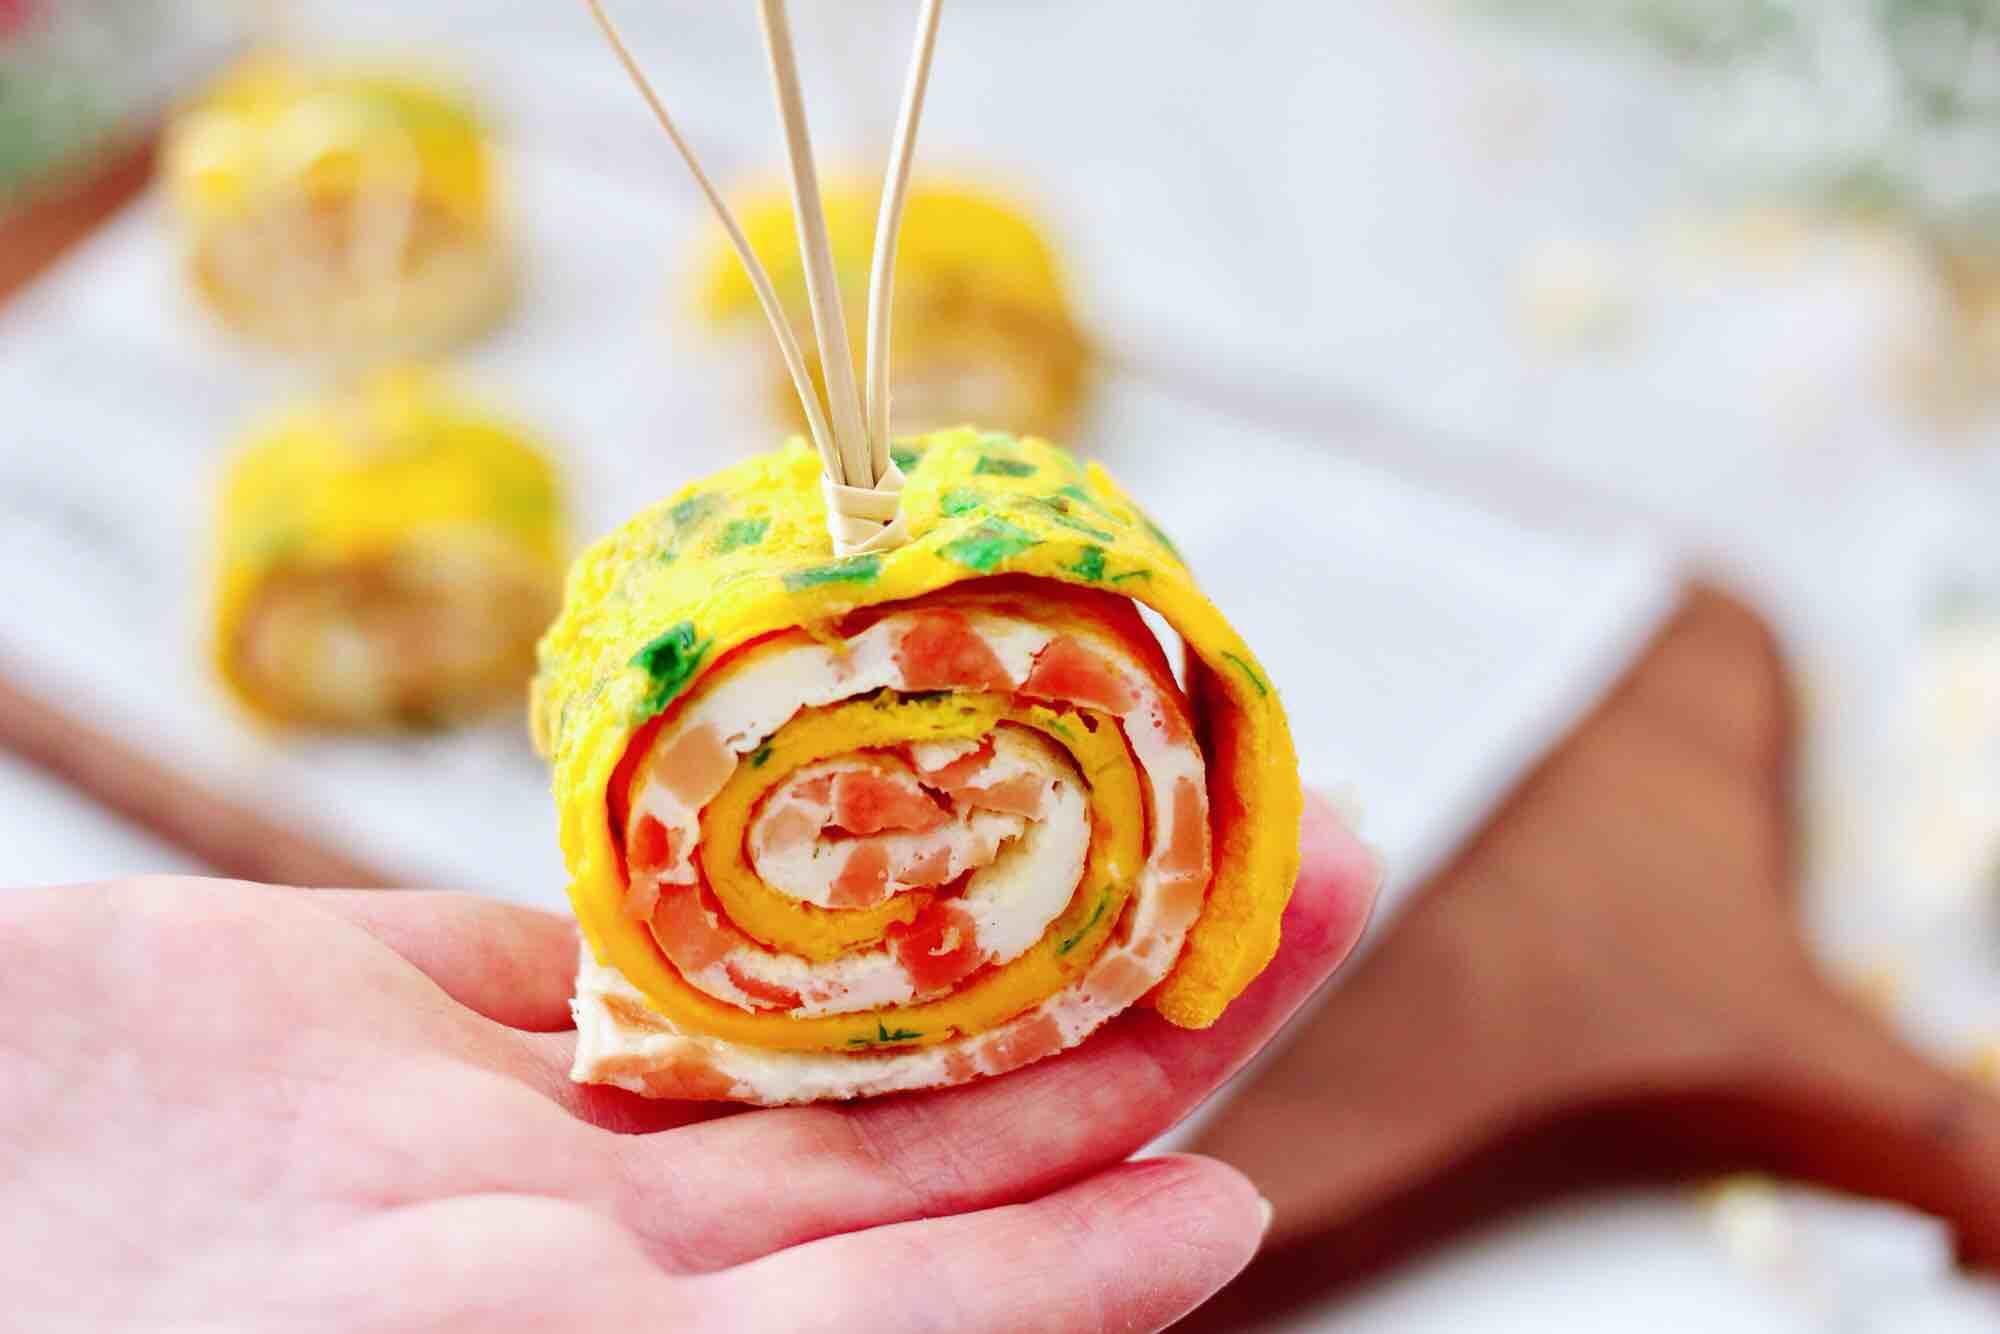 日式火腿鸡蛋卷成品图